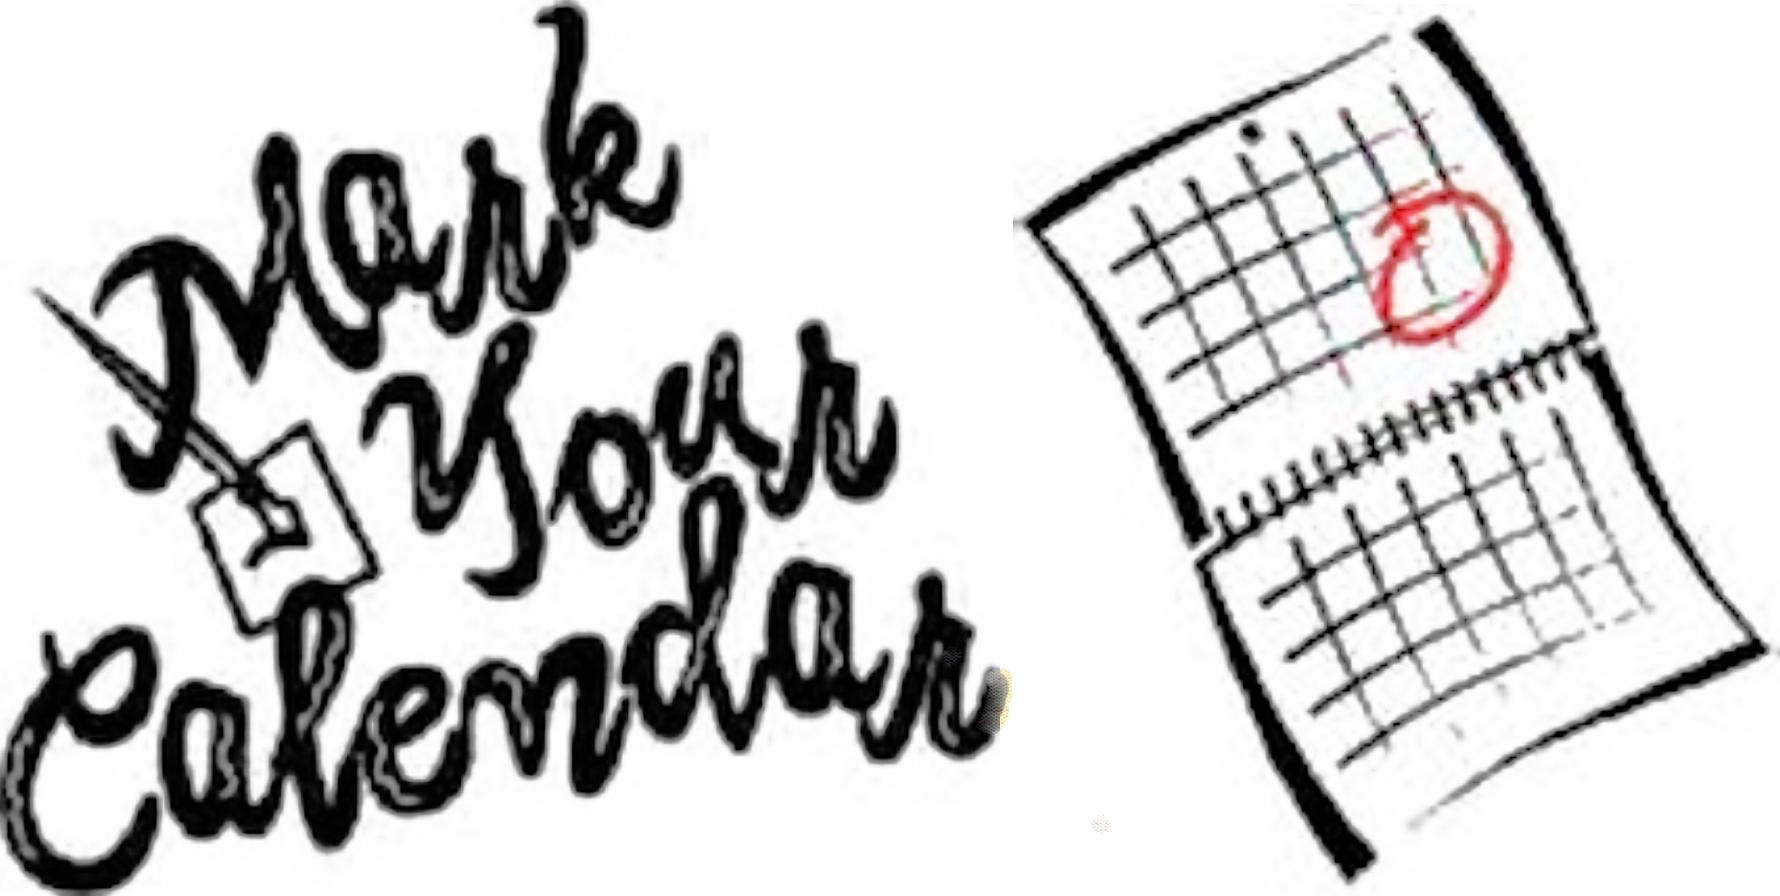 Fullsize Of Mark Your Calendar Images